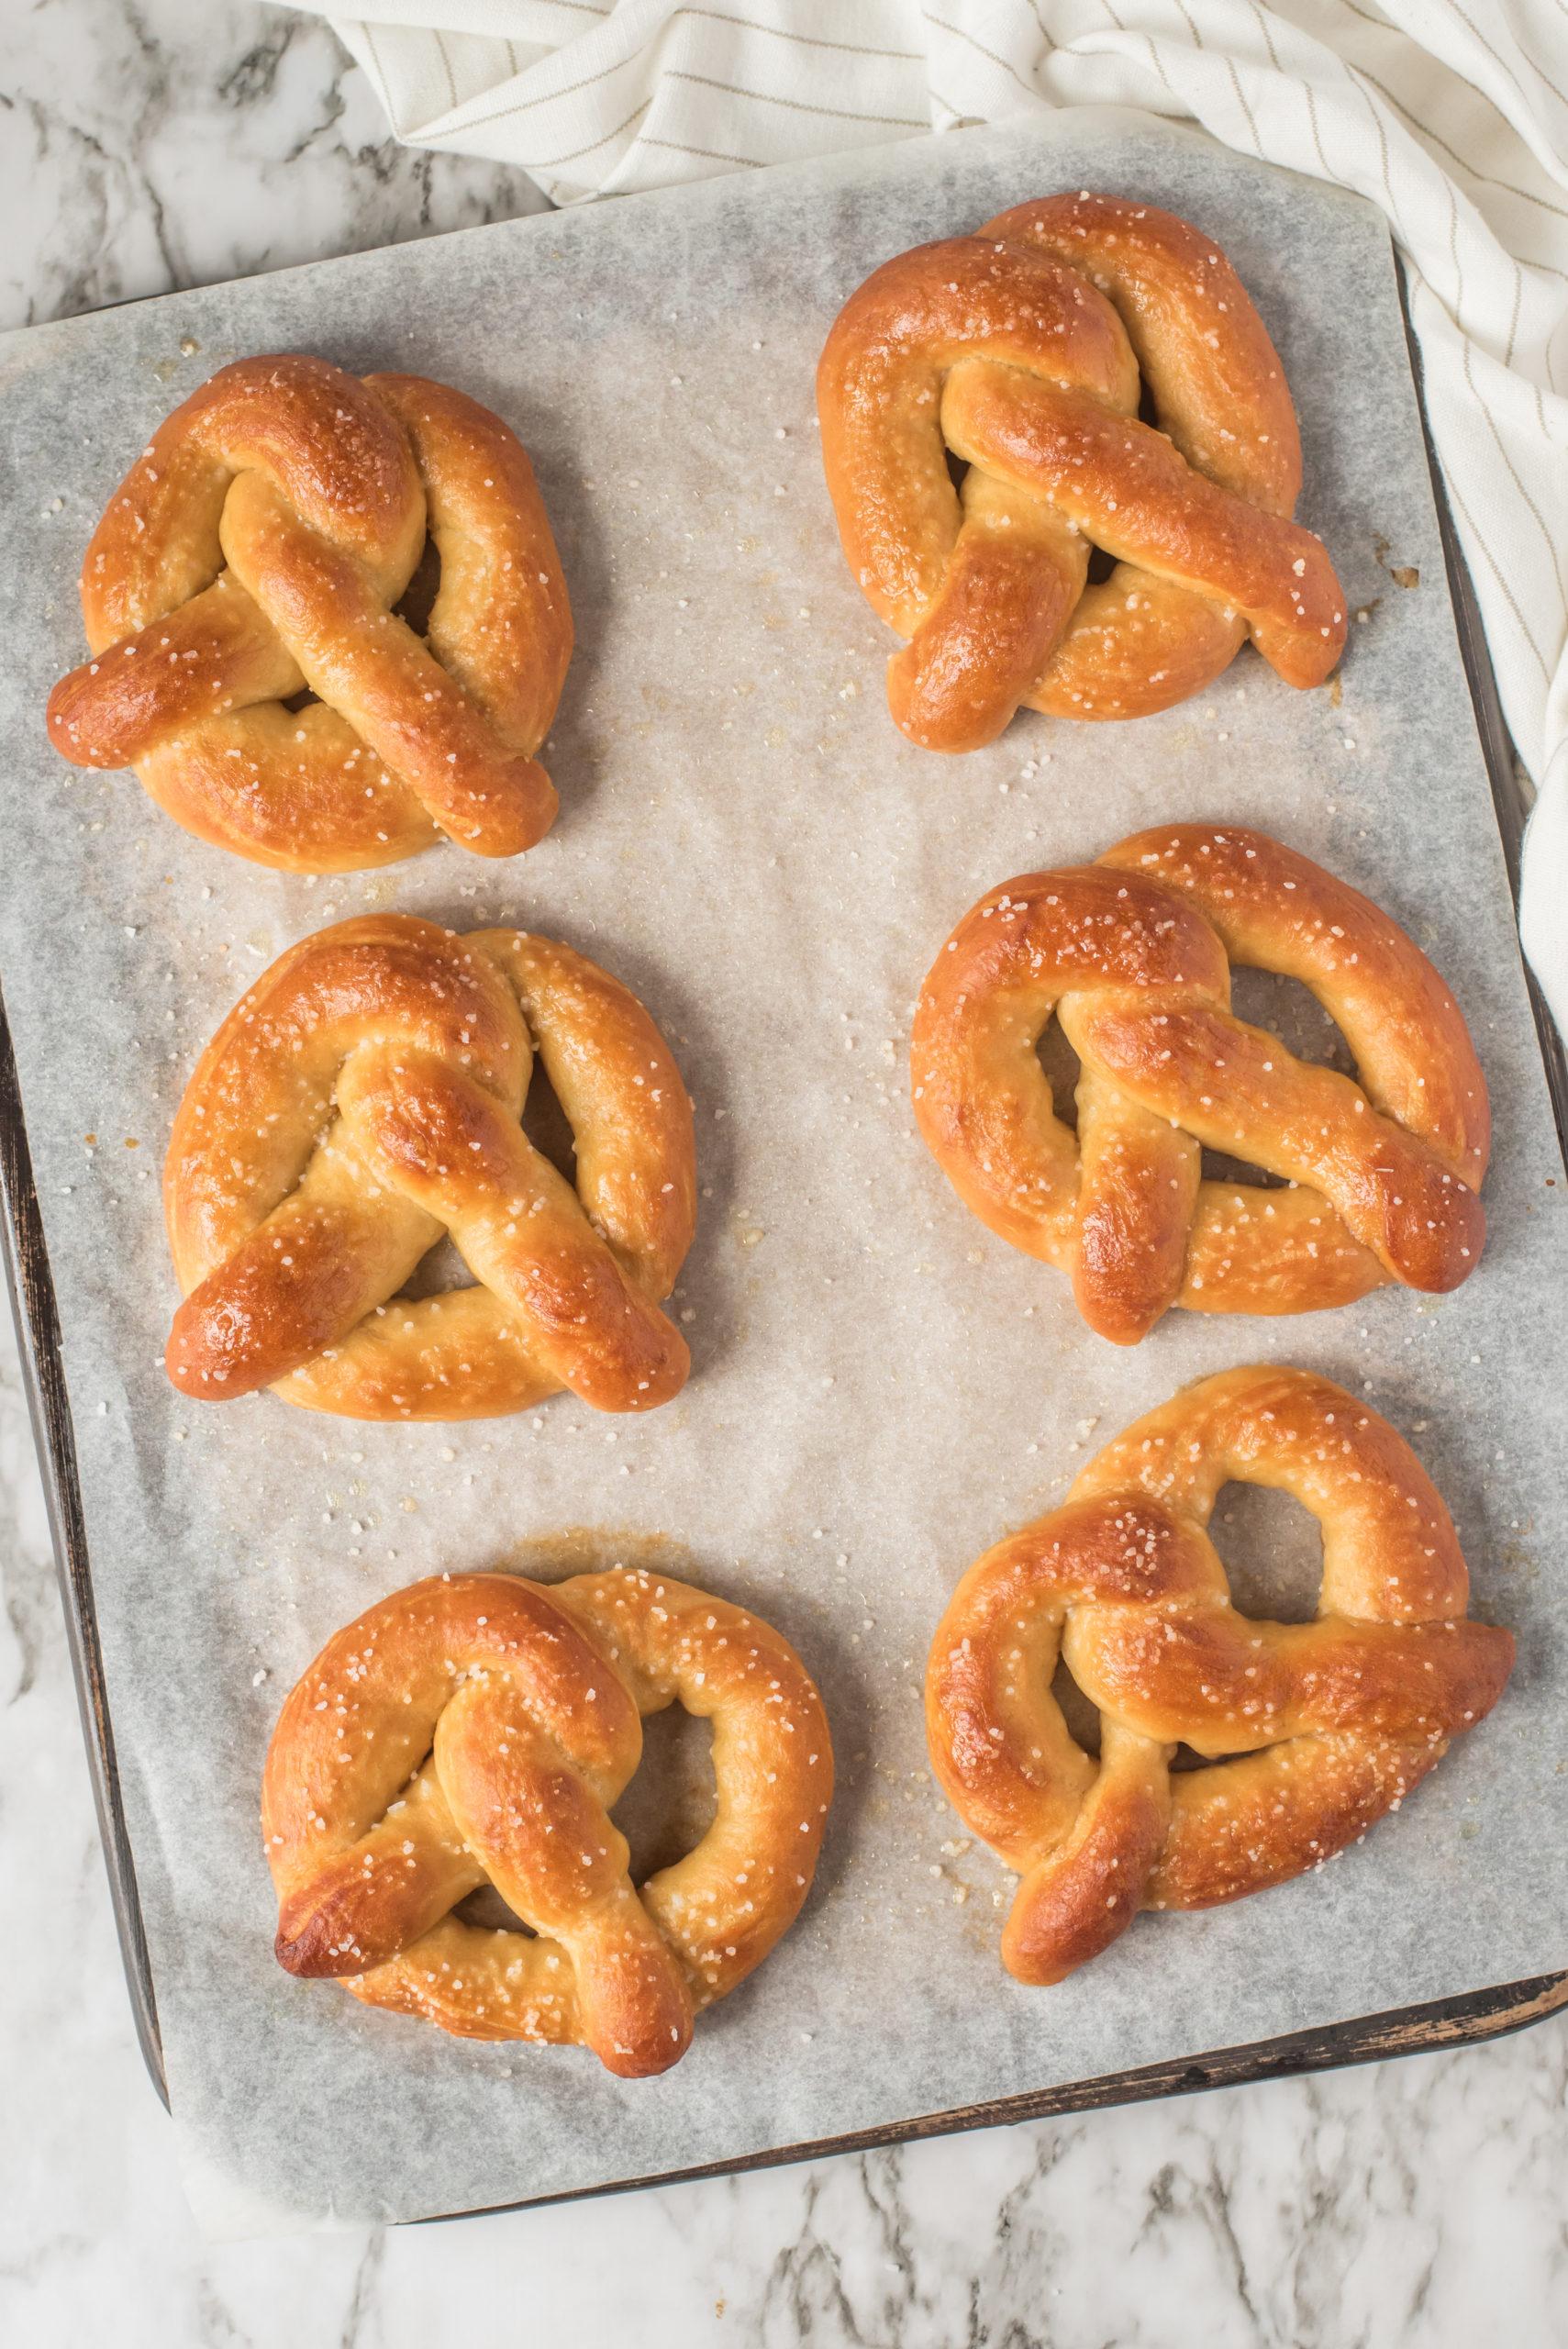 How to Make Homemade Soft Pretzels via @familyfresh